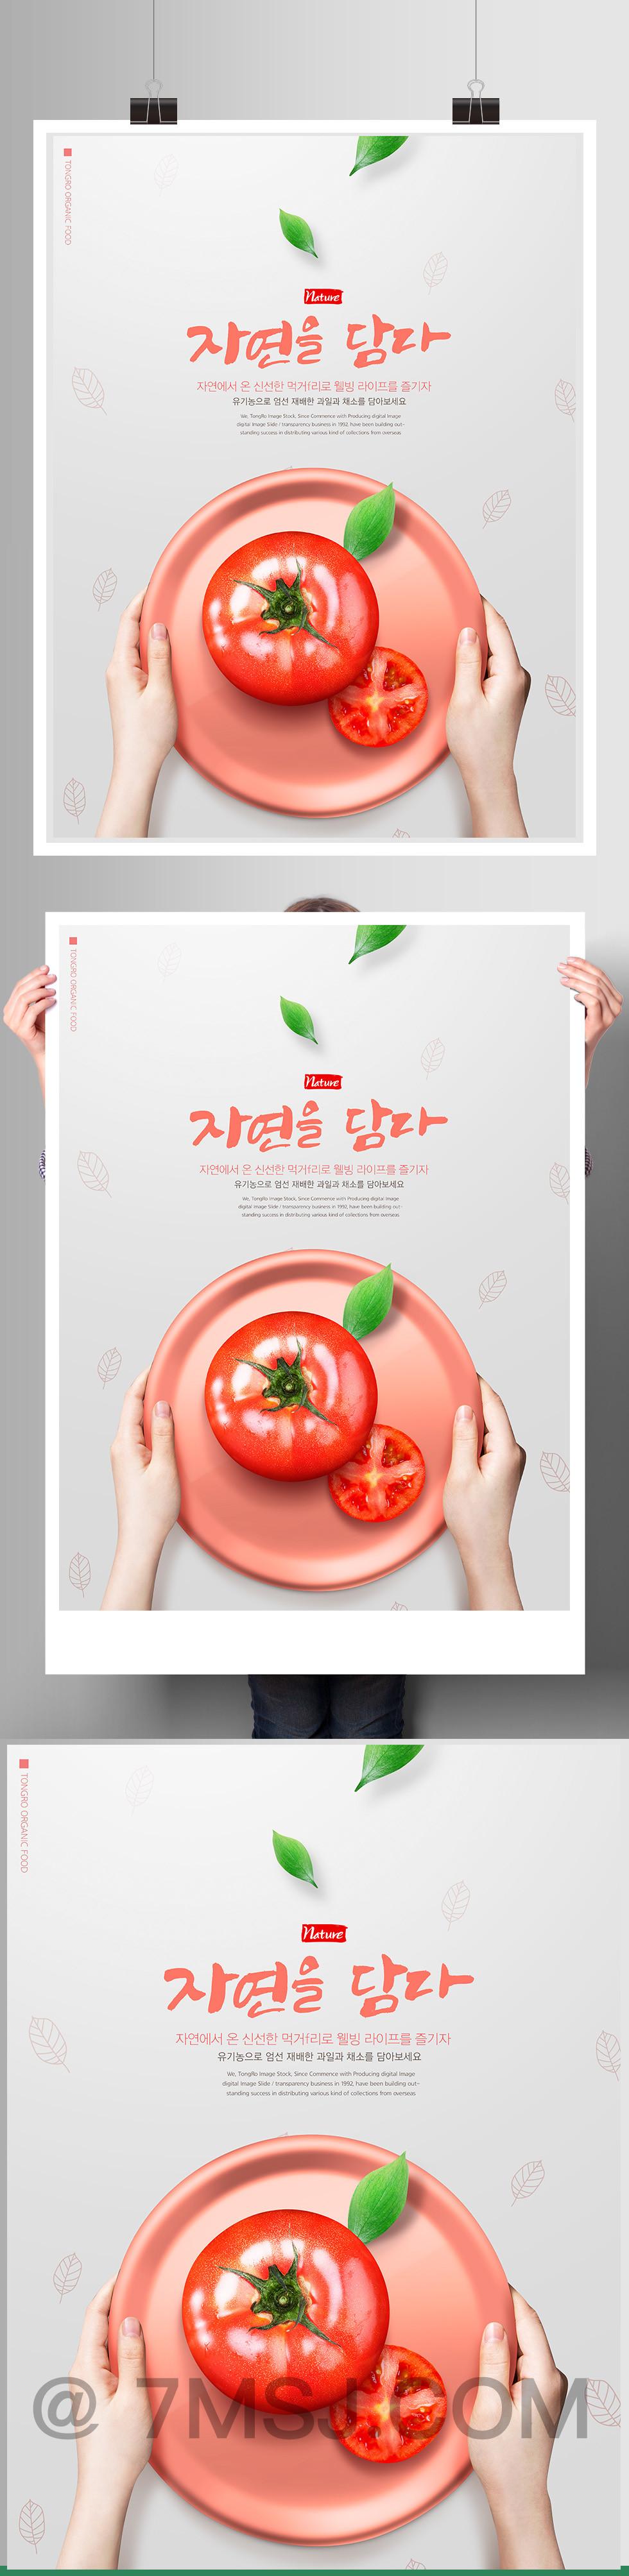 简约番茄西红柿小清新绿色食品健康饮食韩国美食海报素材